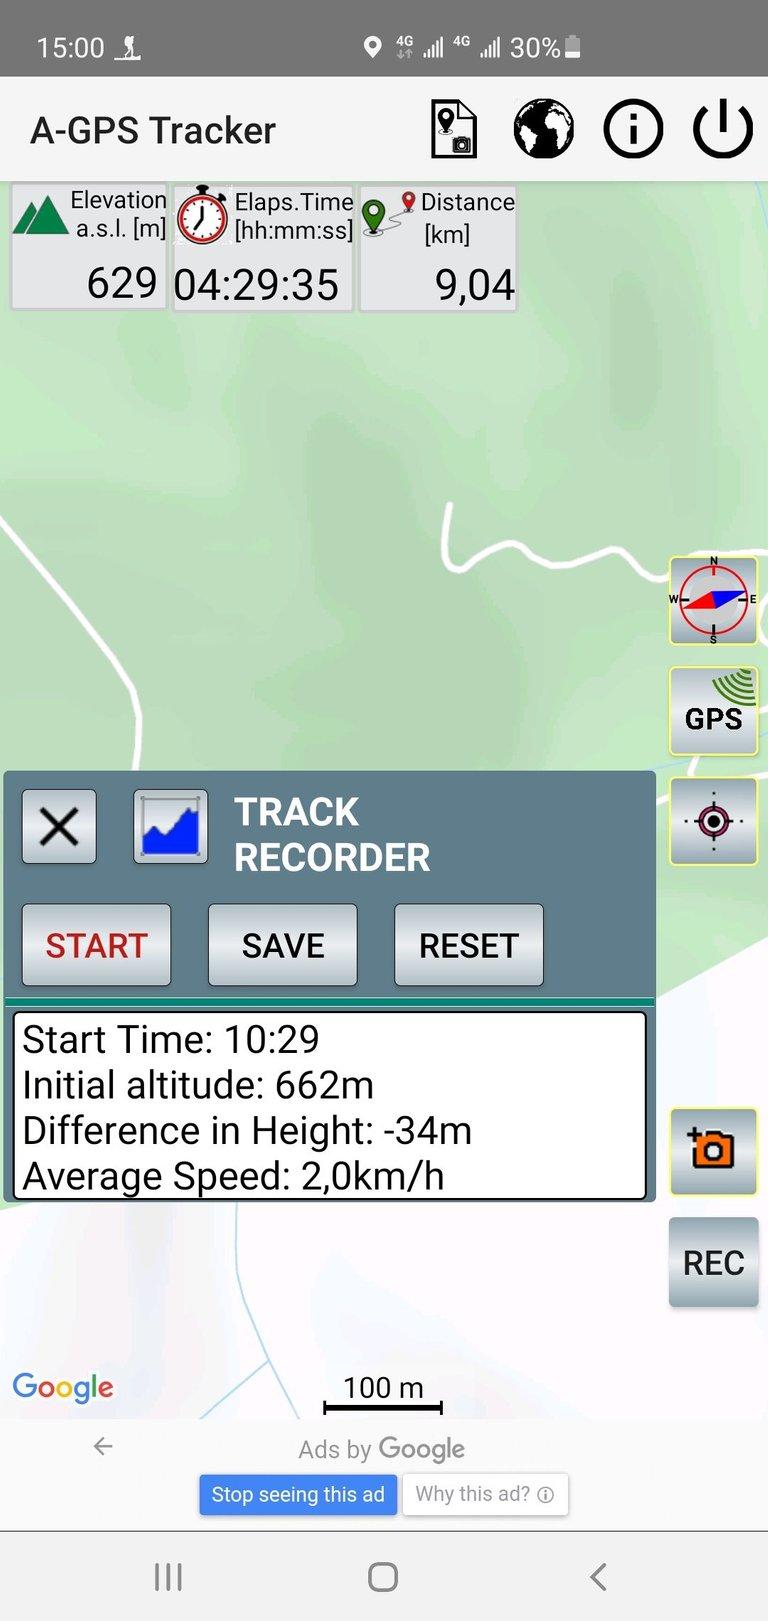 Screenshot_20210726-150029_A-GPS Tracker.jpg